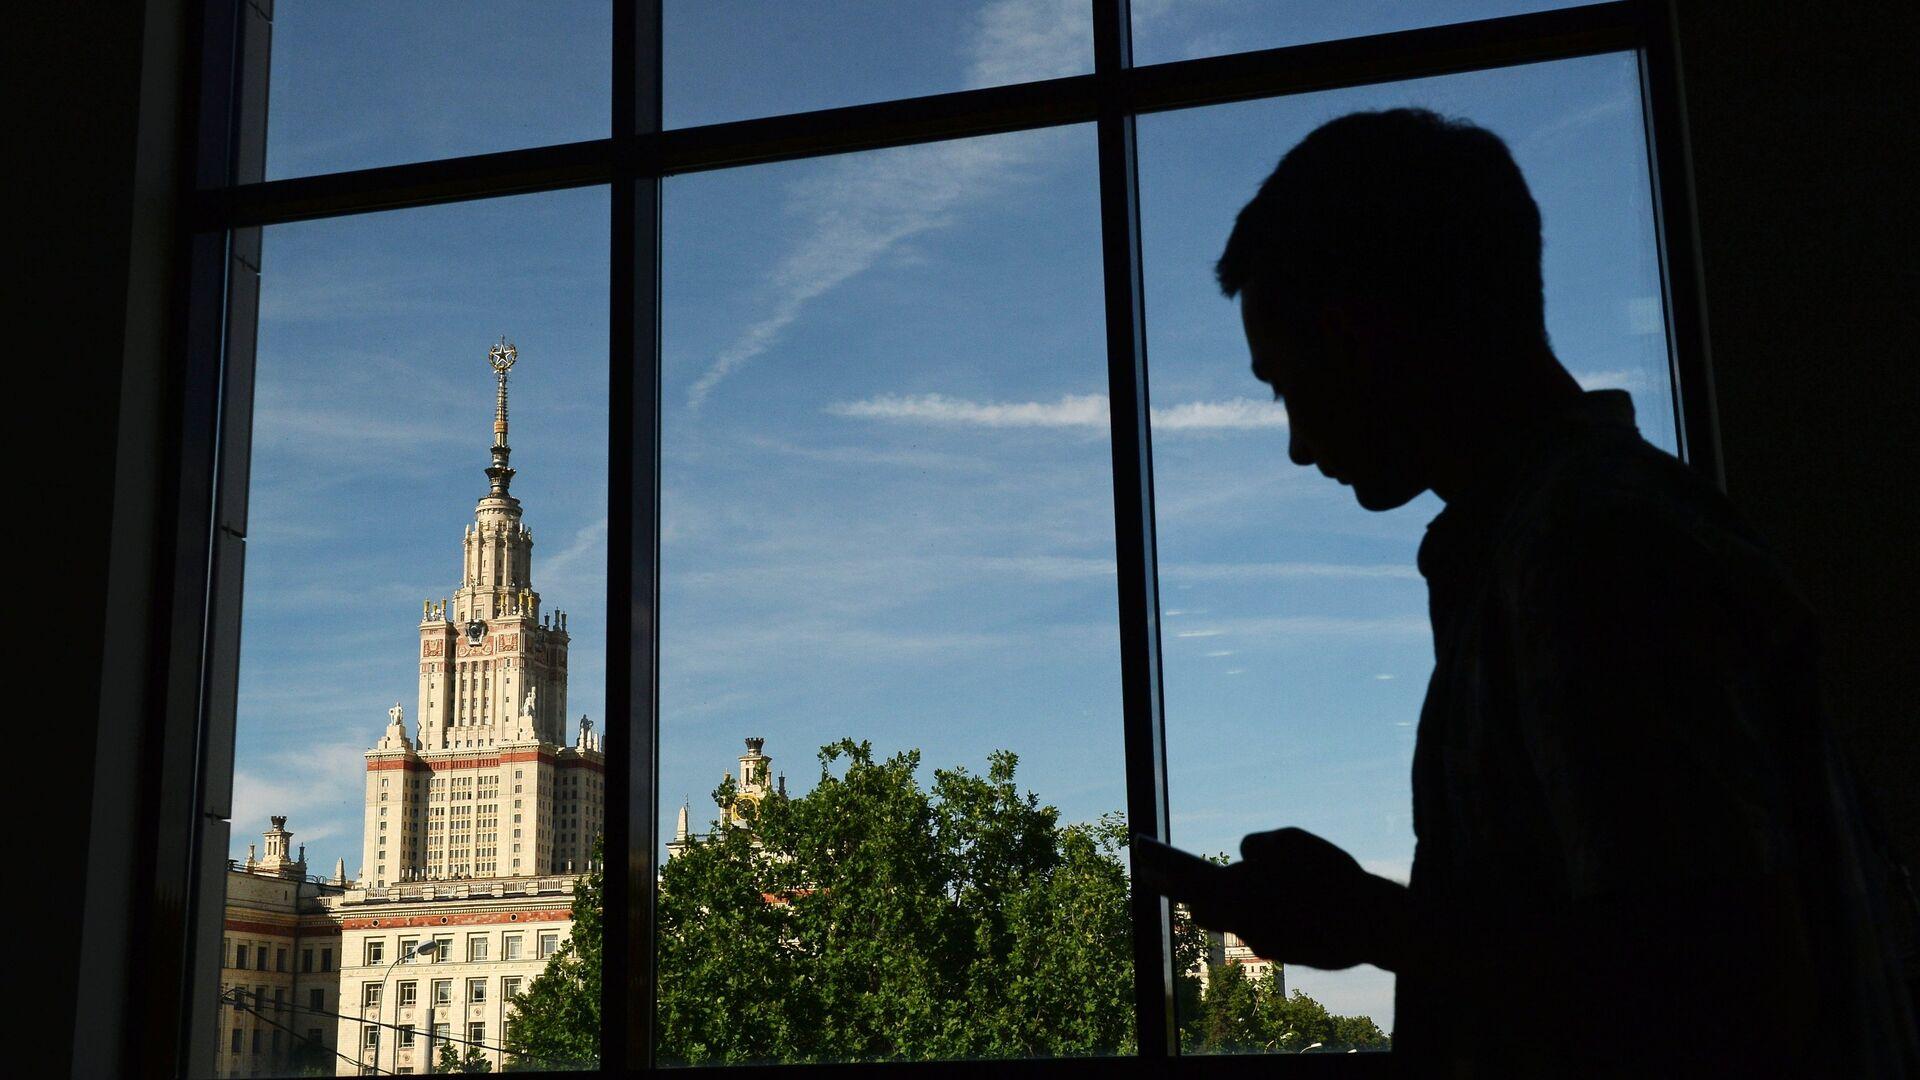 Вид на здание Московского государственного университета имени М.В. Ломоносова из ломоносовского корпуса - РИА Новости, 1920, 27.05.2021